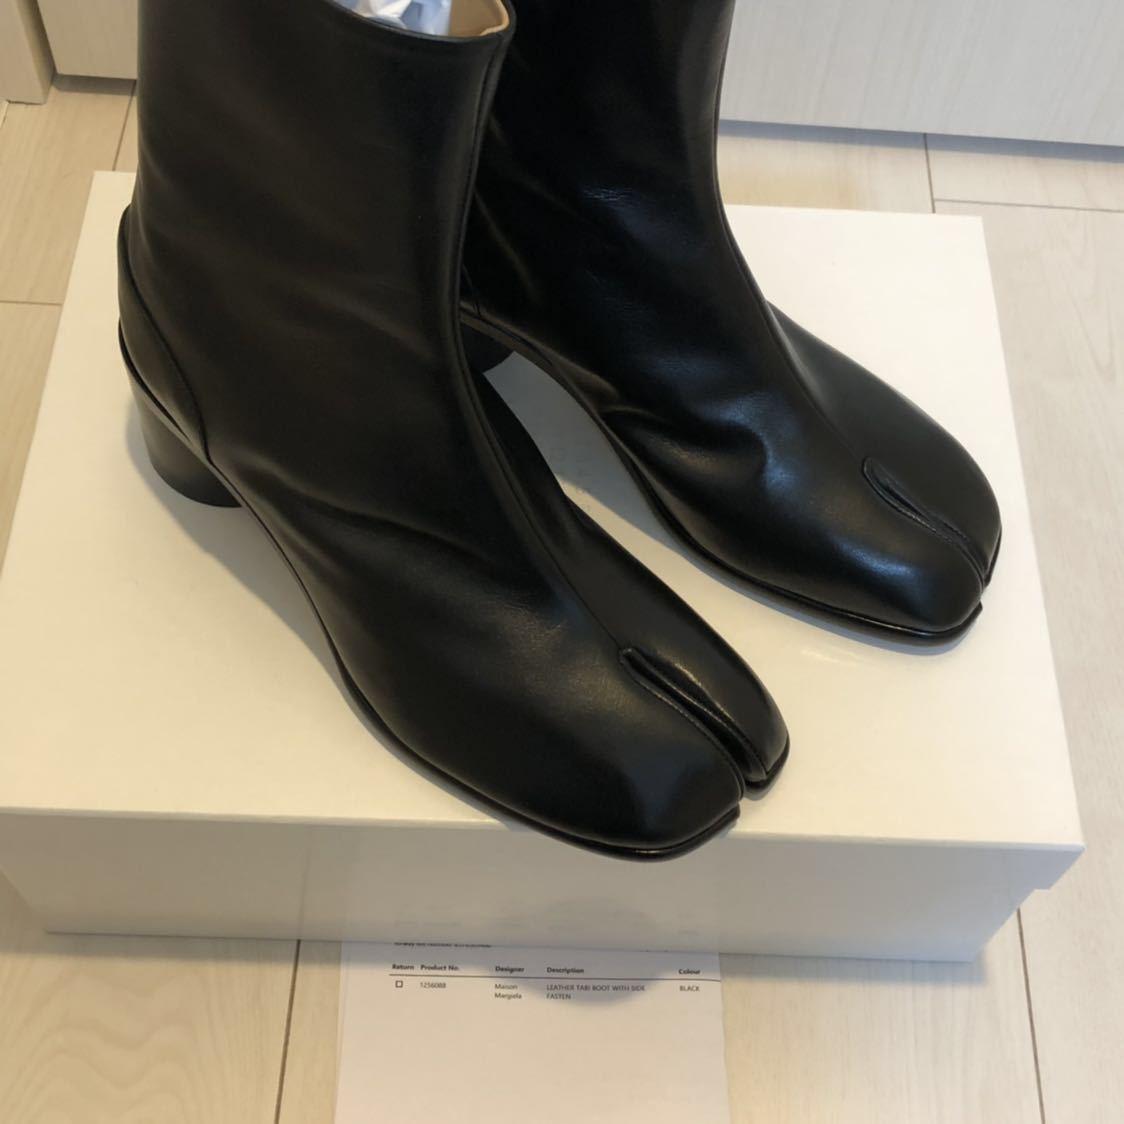 [41] 19SS 確実正規品 Maison Margiela Tabi boots メゾンマルジェラ タビブーツ 足袋ブーツ マルタンマルジェラ タビ 足袋 26㎝_画像5